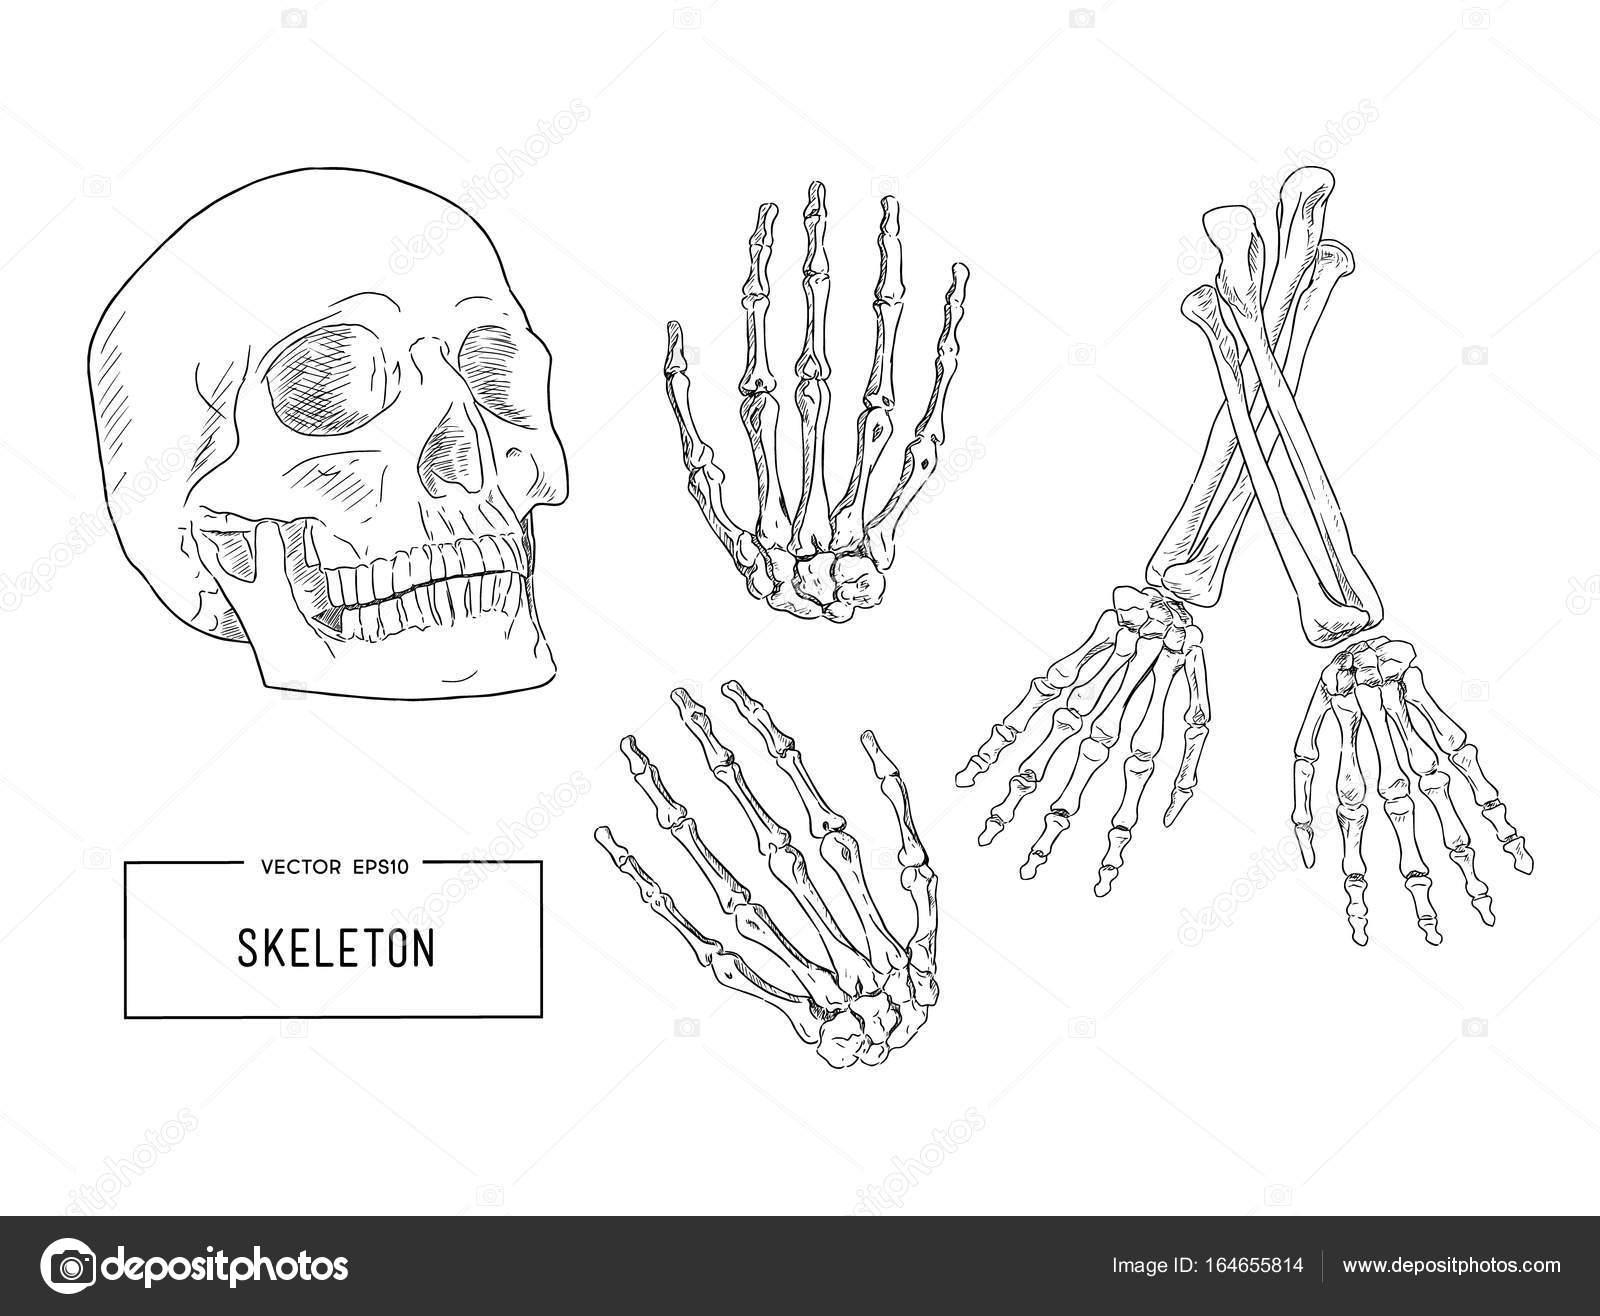 esqueleto humano, dibujo vectorial — Archivo Imágenes Vectoriales ...